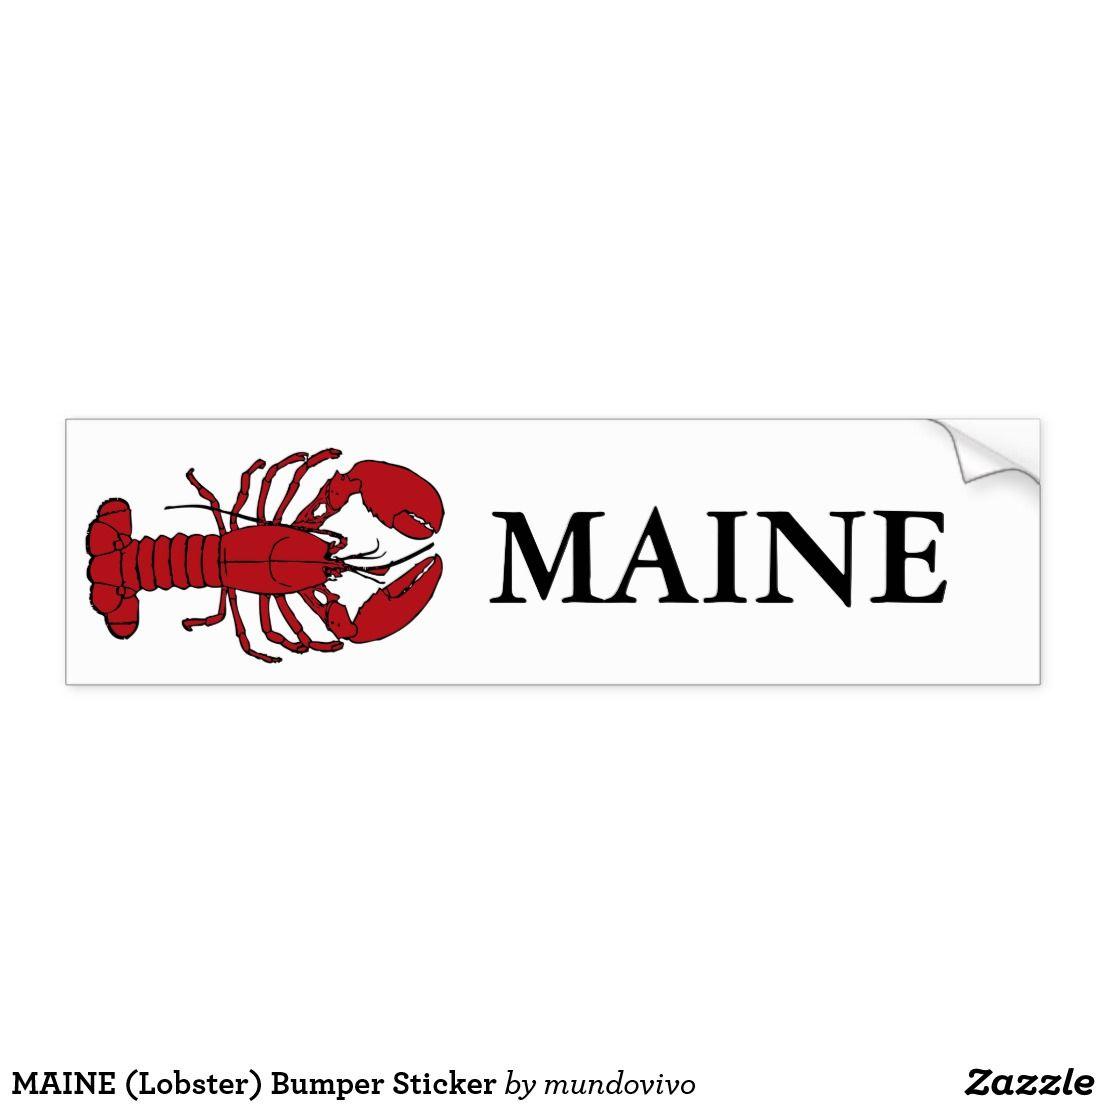 Maine Lobster Bumper Sticker Zazzle Com Bumper Stickers Maine Lobster Bumpers [ 1106 x 1106 Pixel ]